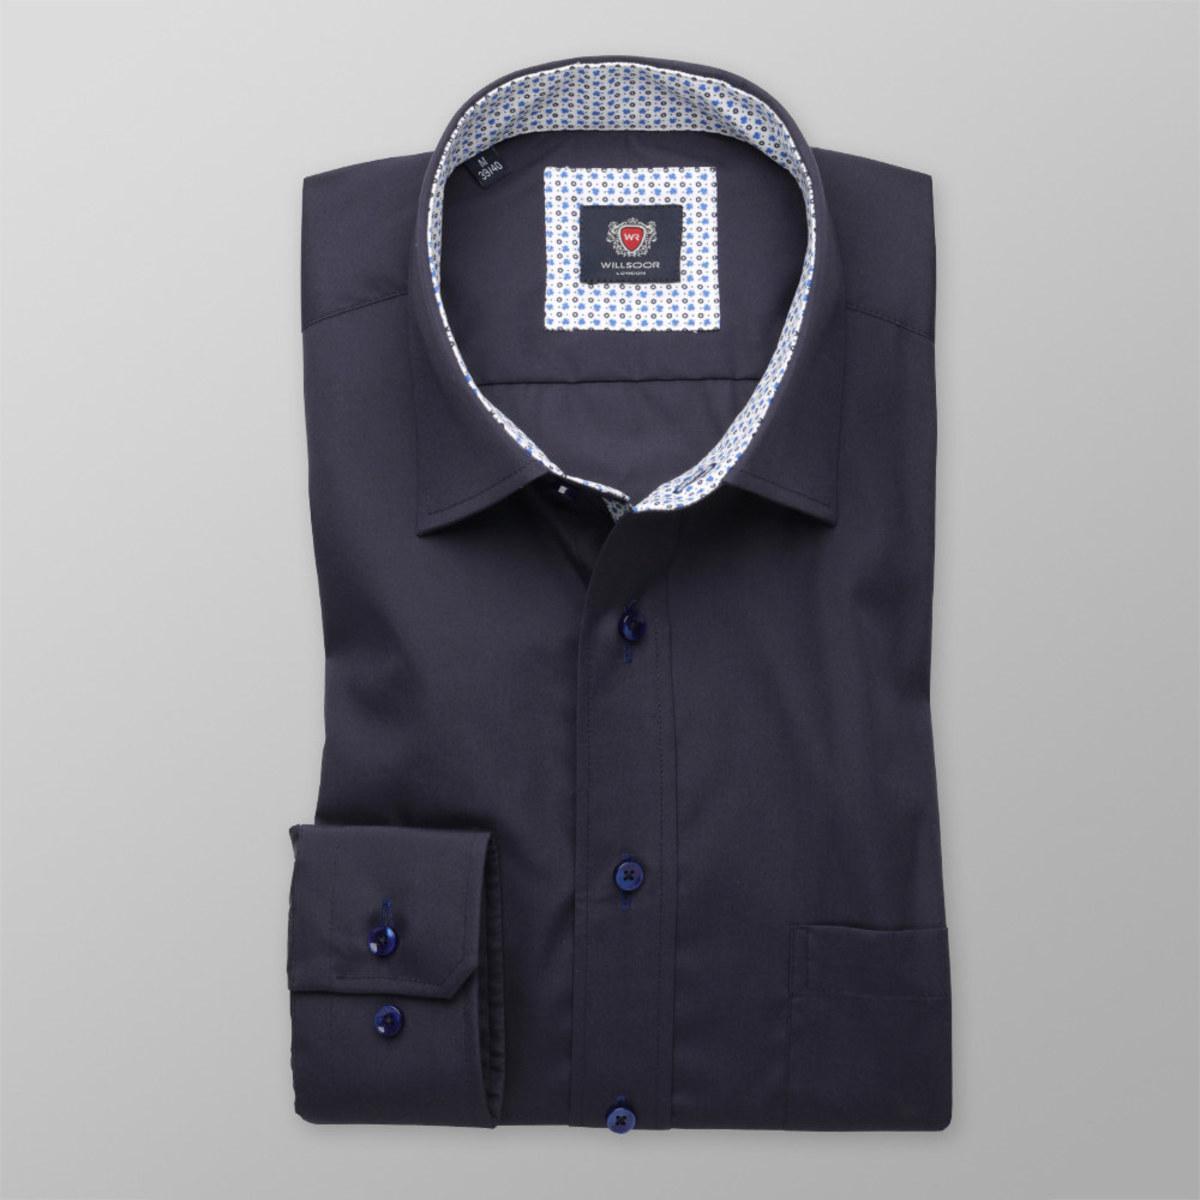 Pánská klasická košile London (všechny výšky) 8379 ve tmavě modré barvě 188-194 / XL (43/44)